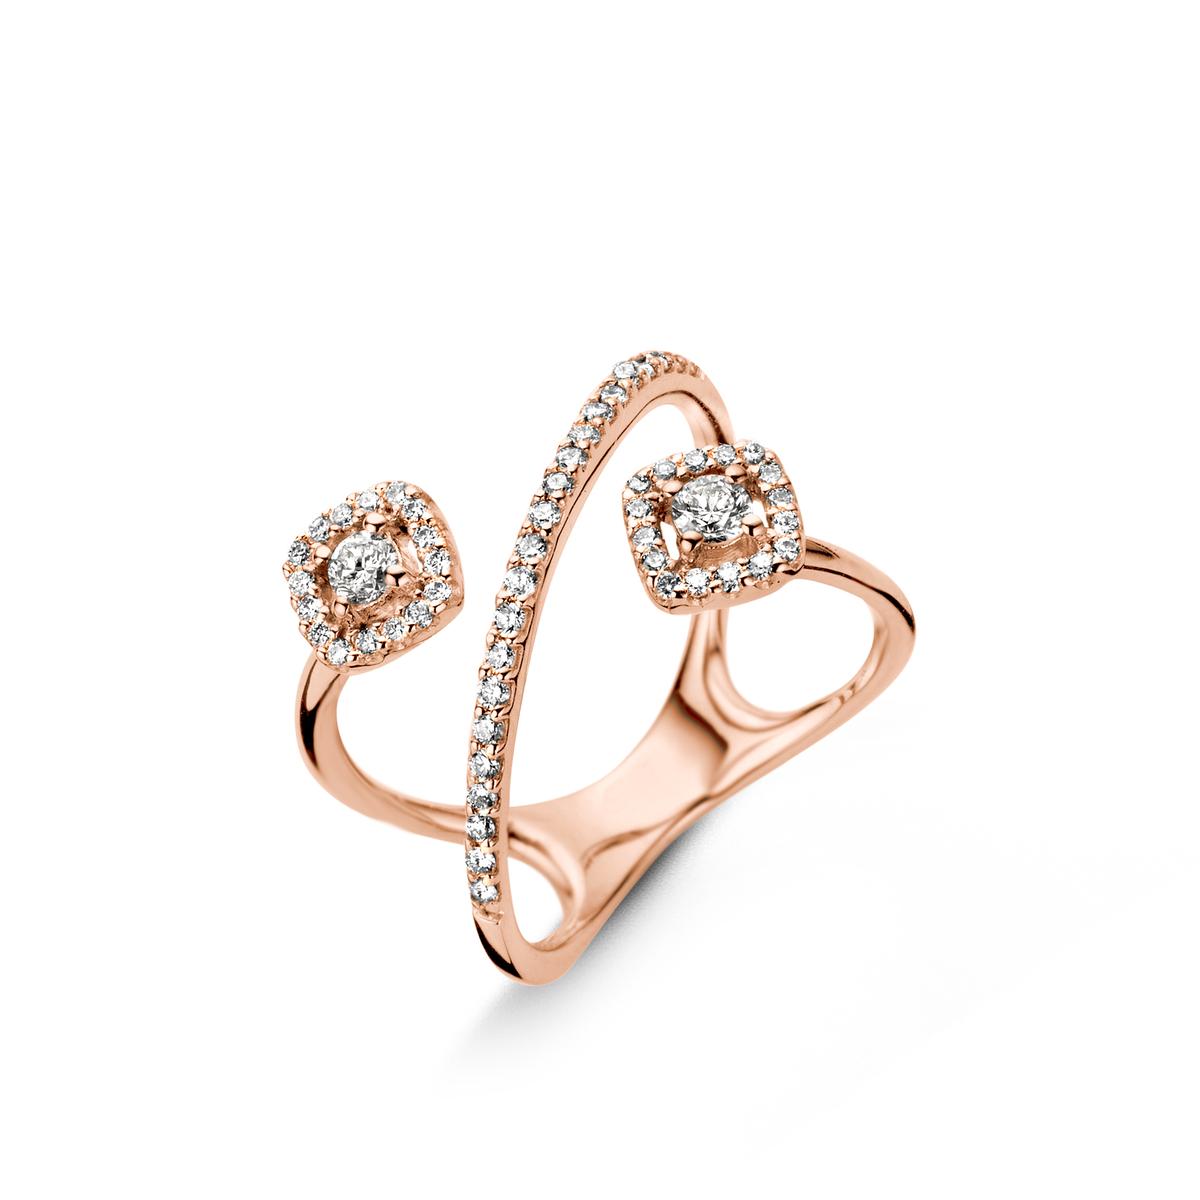 salina ring in Rosa gold